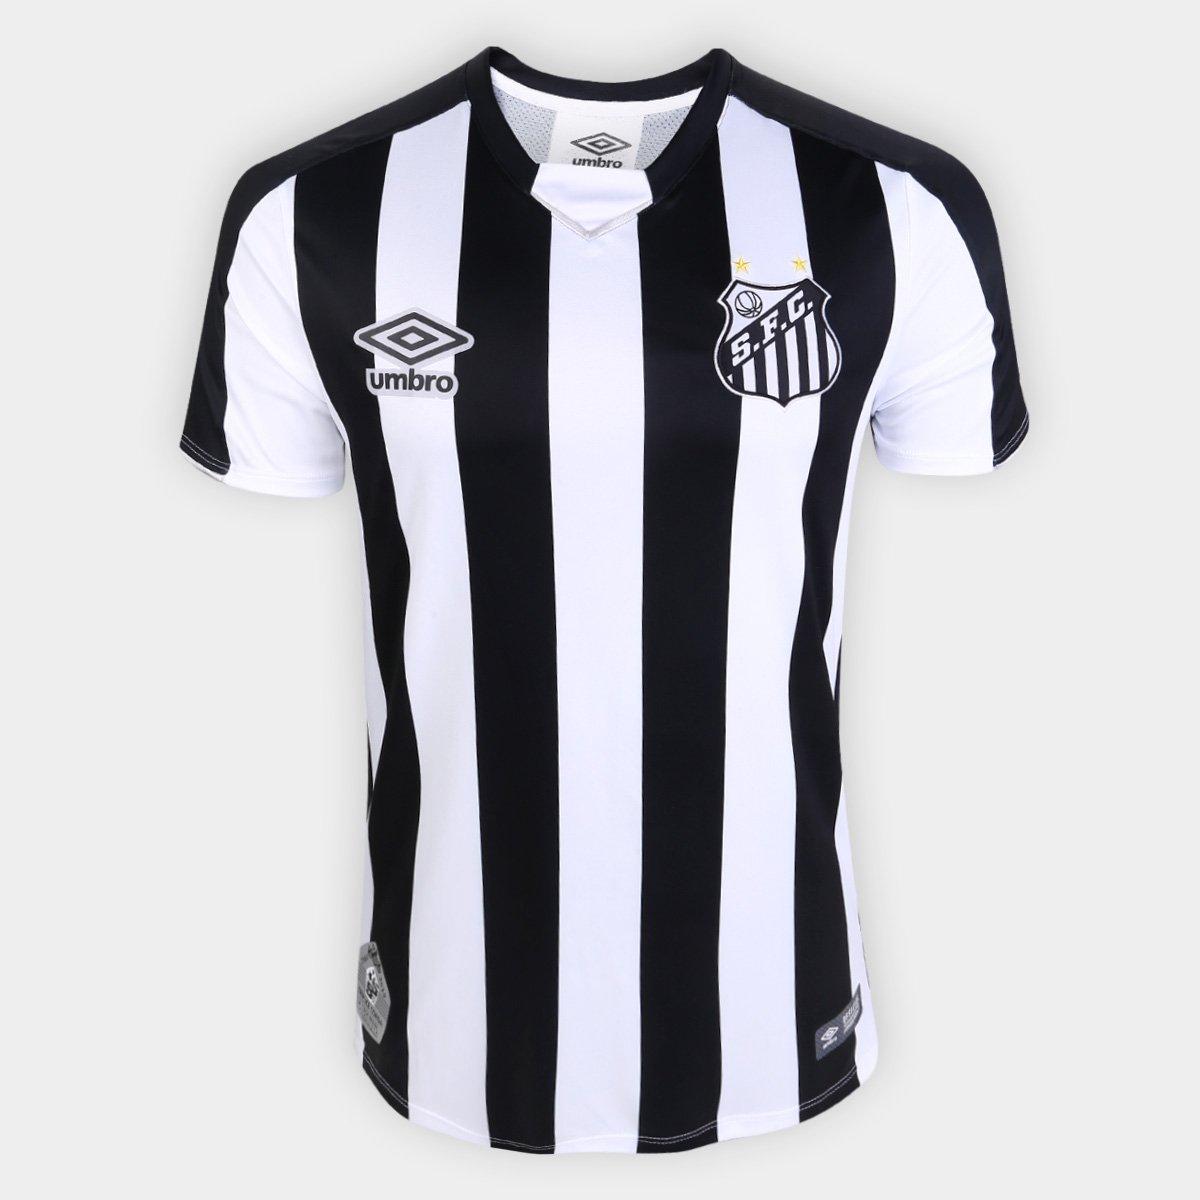 0c92acb739c53 Camisa Santos II 2019 s n° Torcedor Umbro Masculina - Branco e Preto -  Compre Agora